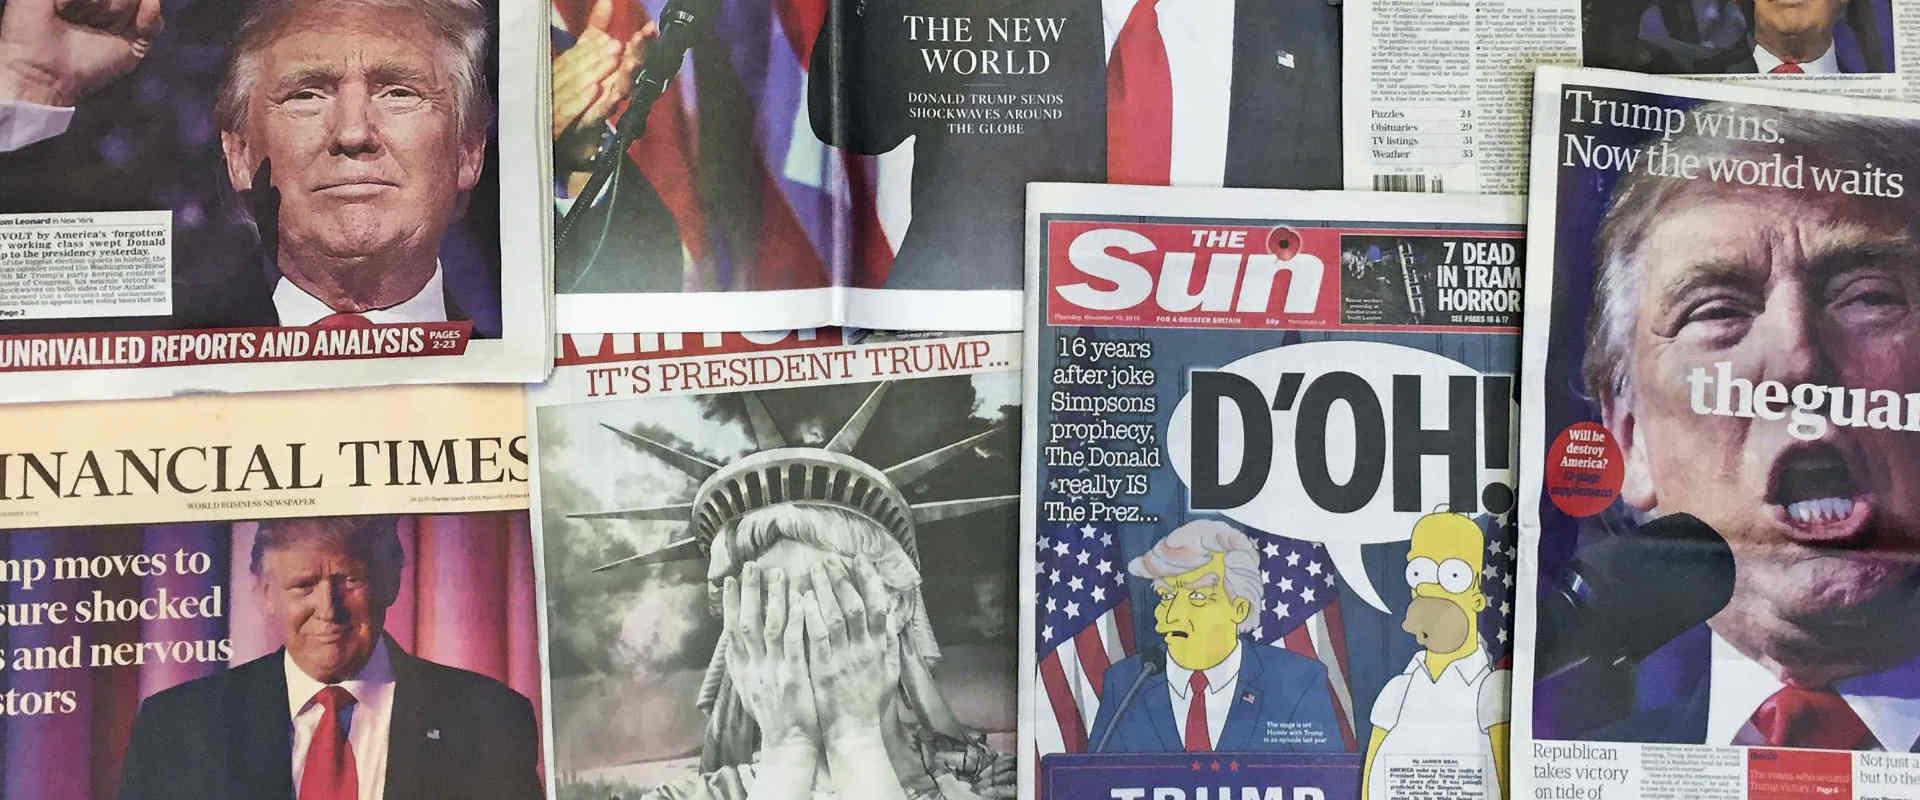 כותרות עיתוני בריטניה לאחר בחירתו של דונלד טראמפ ל